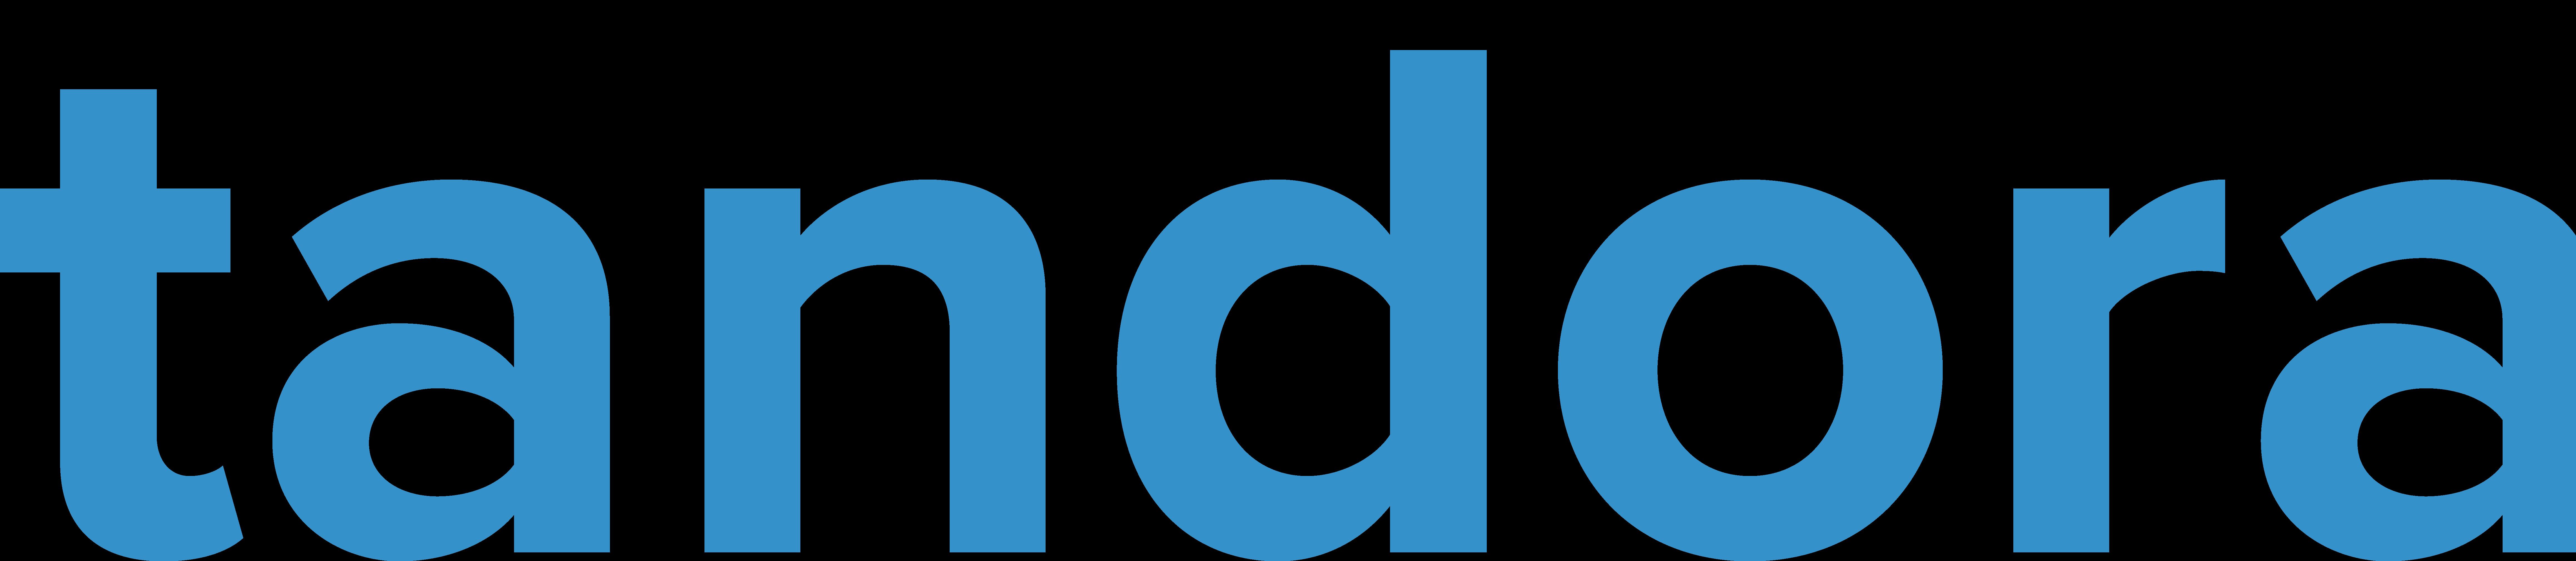 Tandora Changelog - Tandora